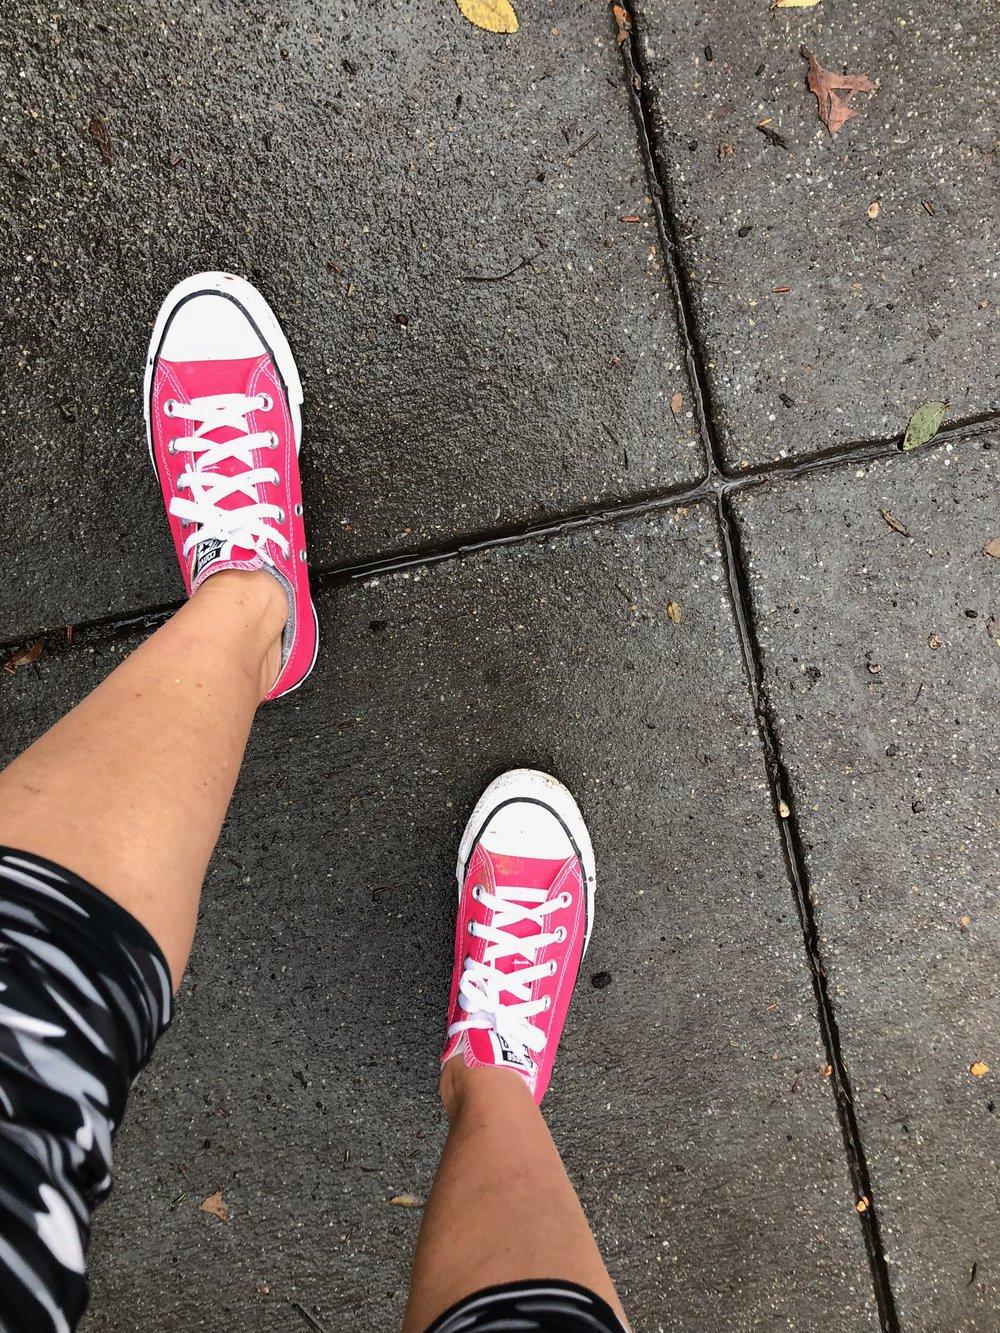 Hot pink Converse make cold adaptation more fun!